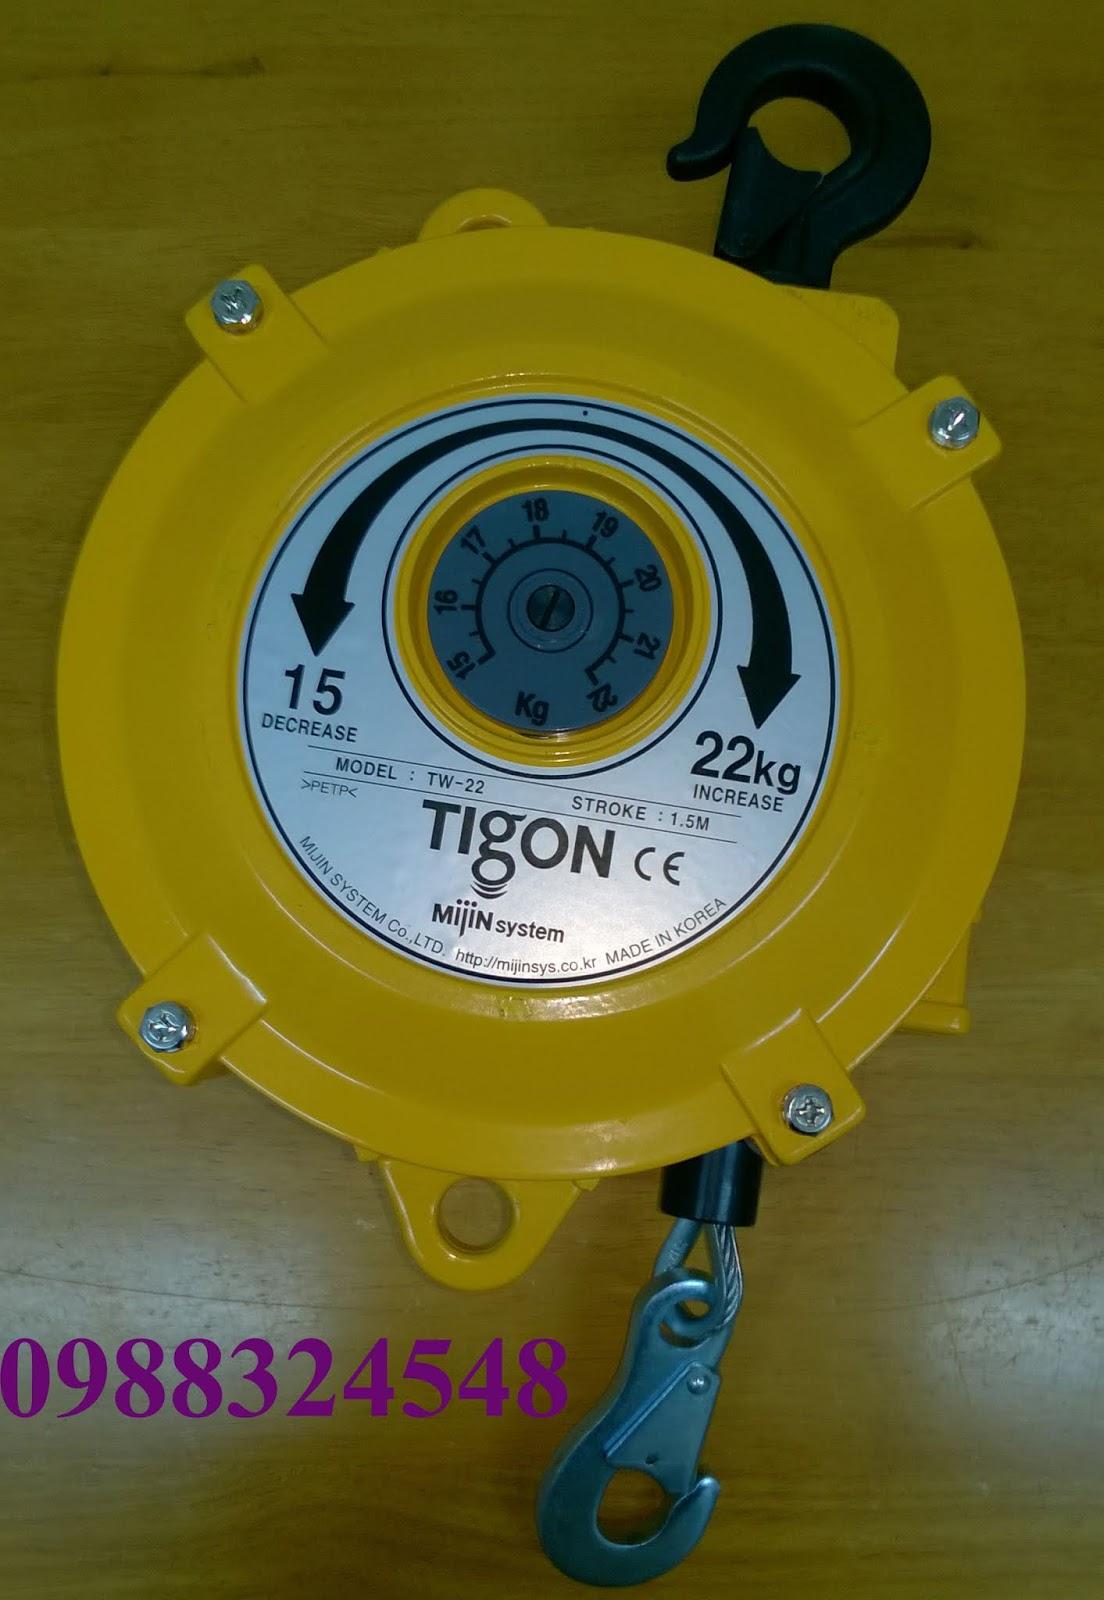 Pa lăng cân bằng Tigon TW-22